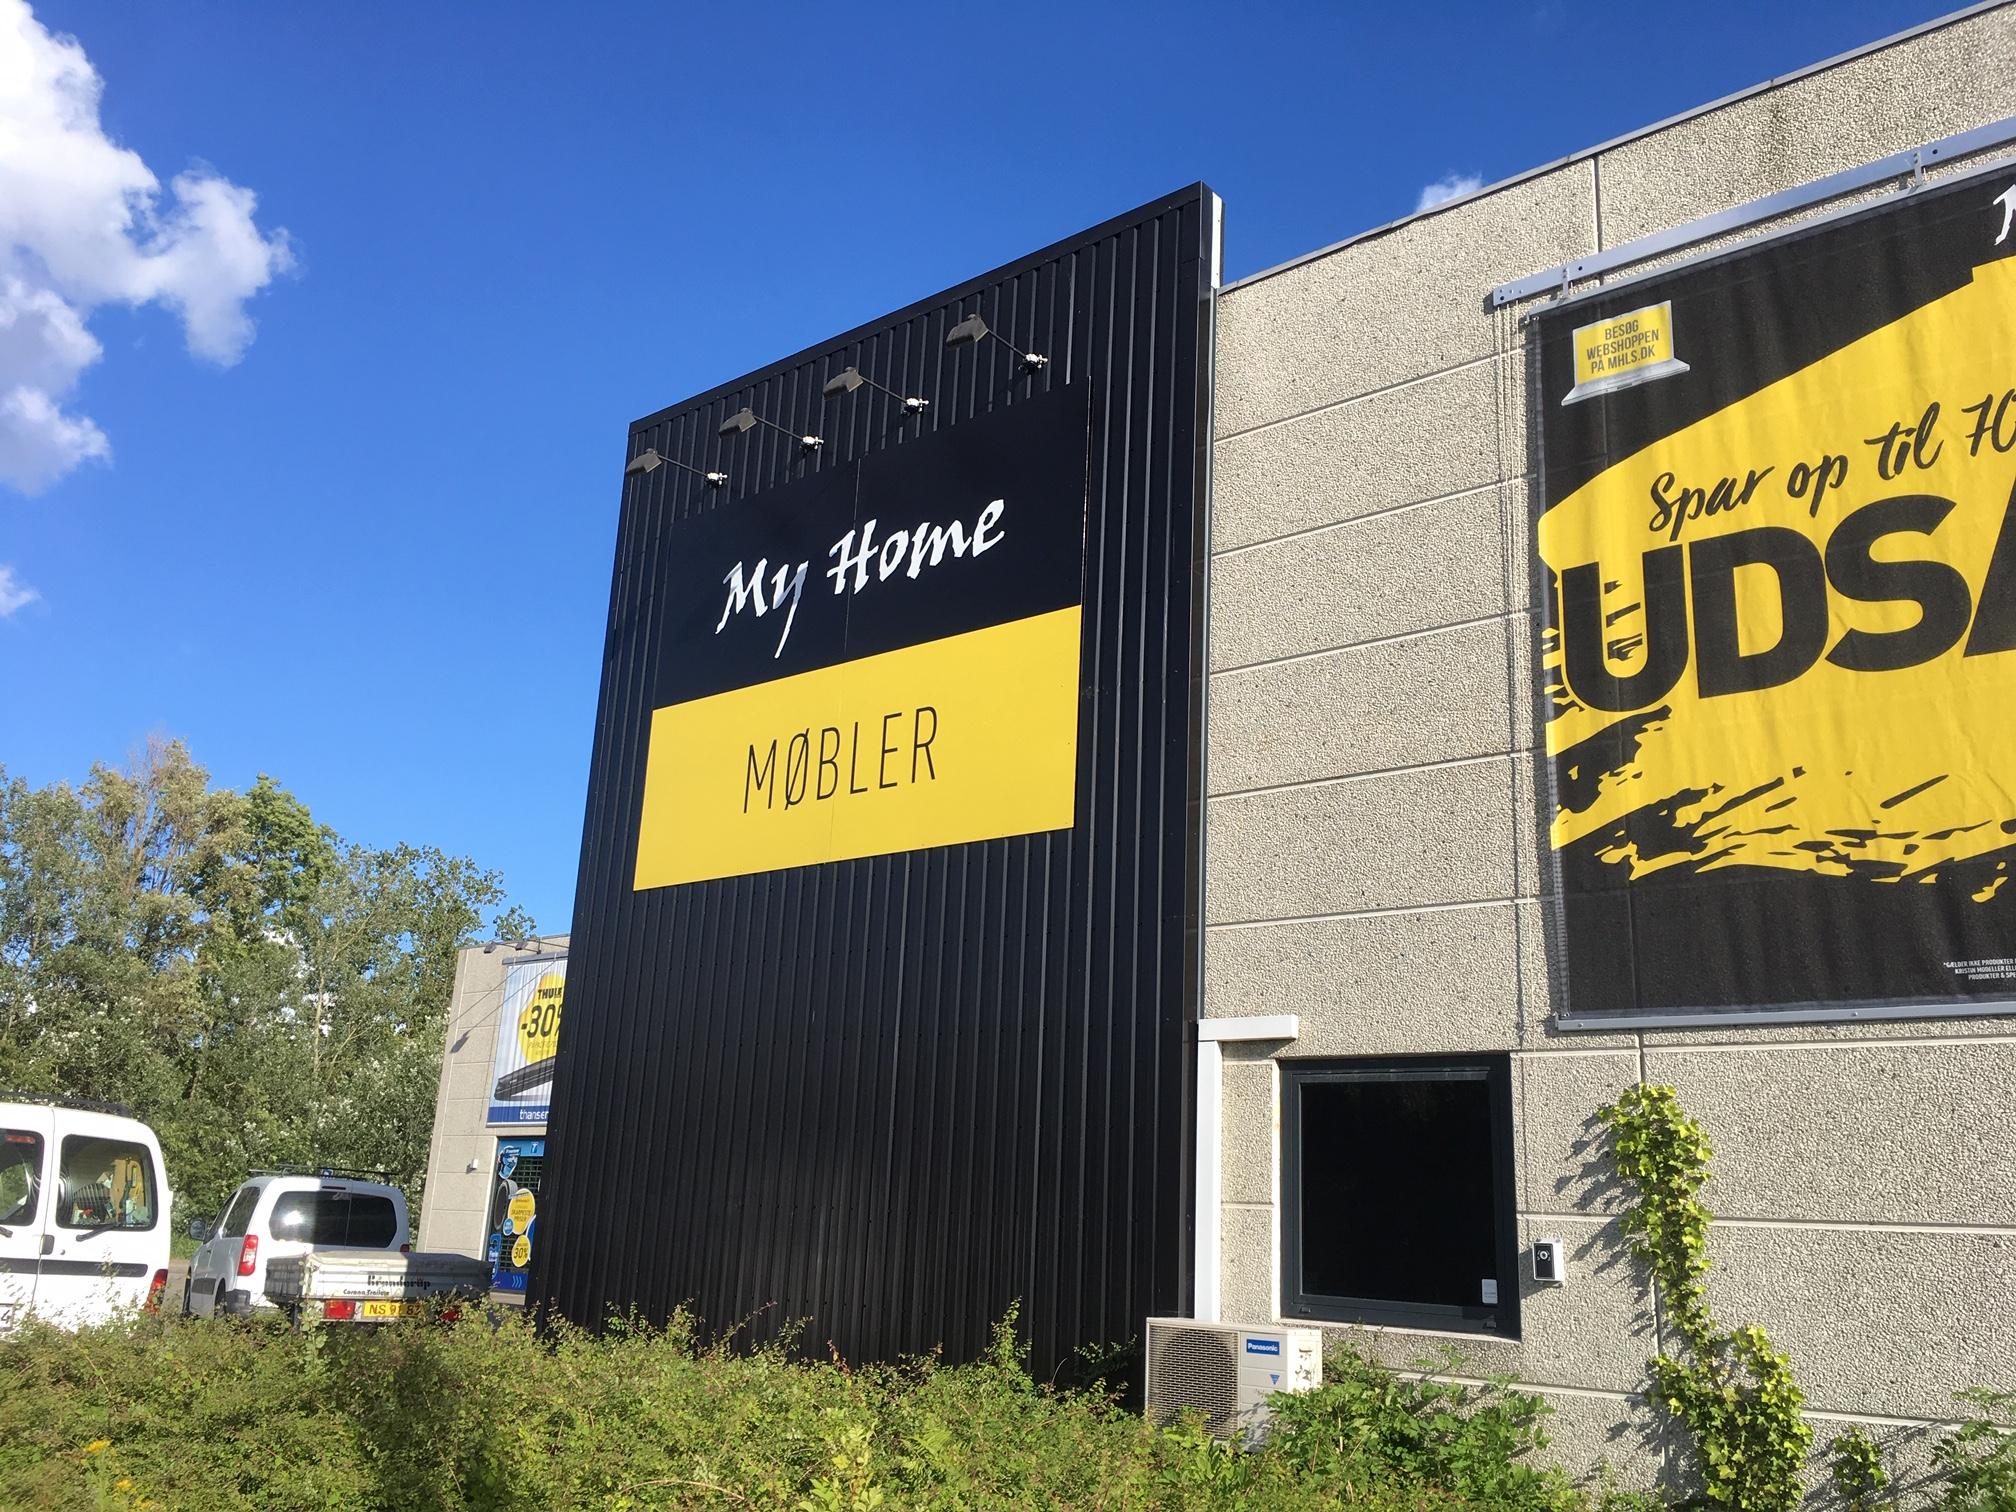 My Homes nye butik i Glostrup